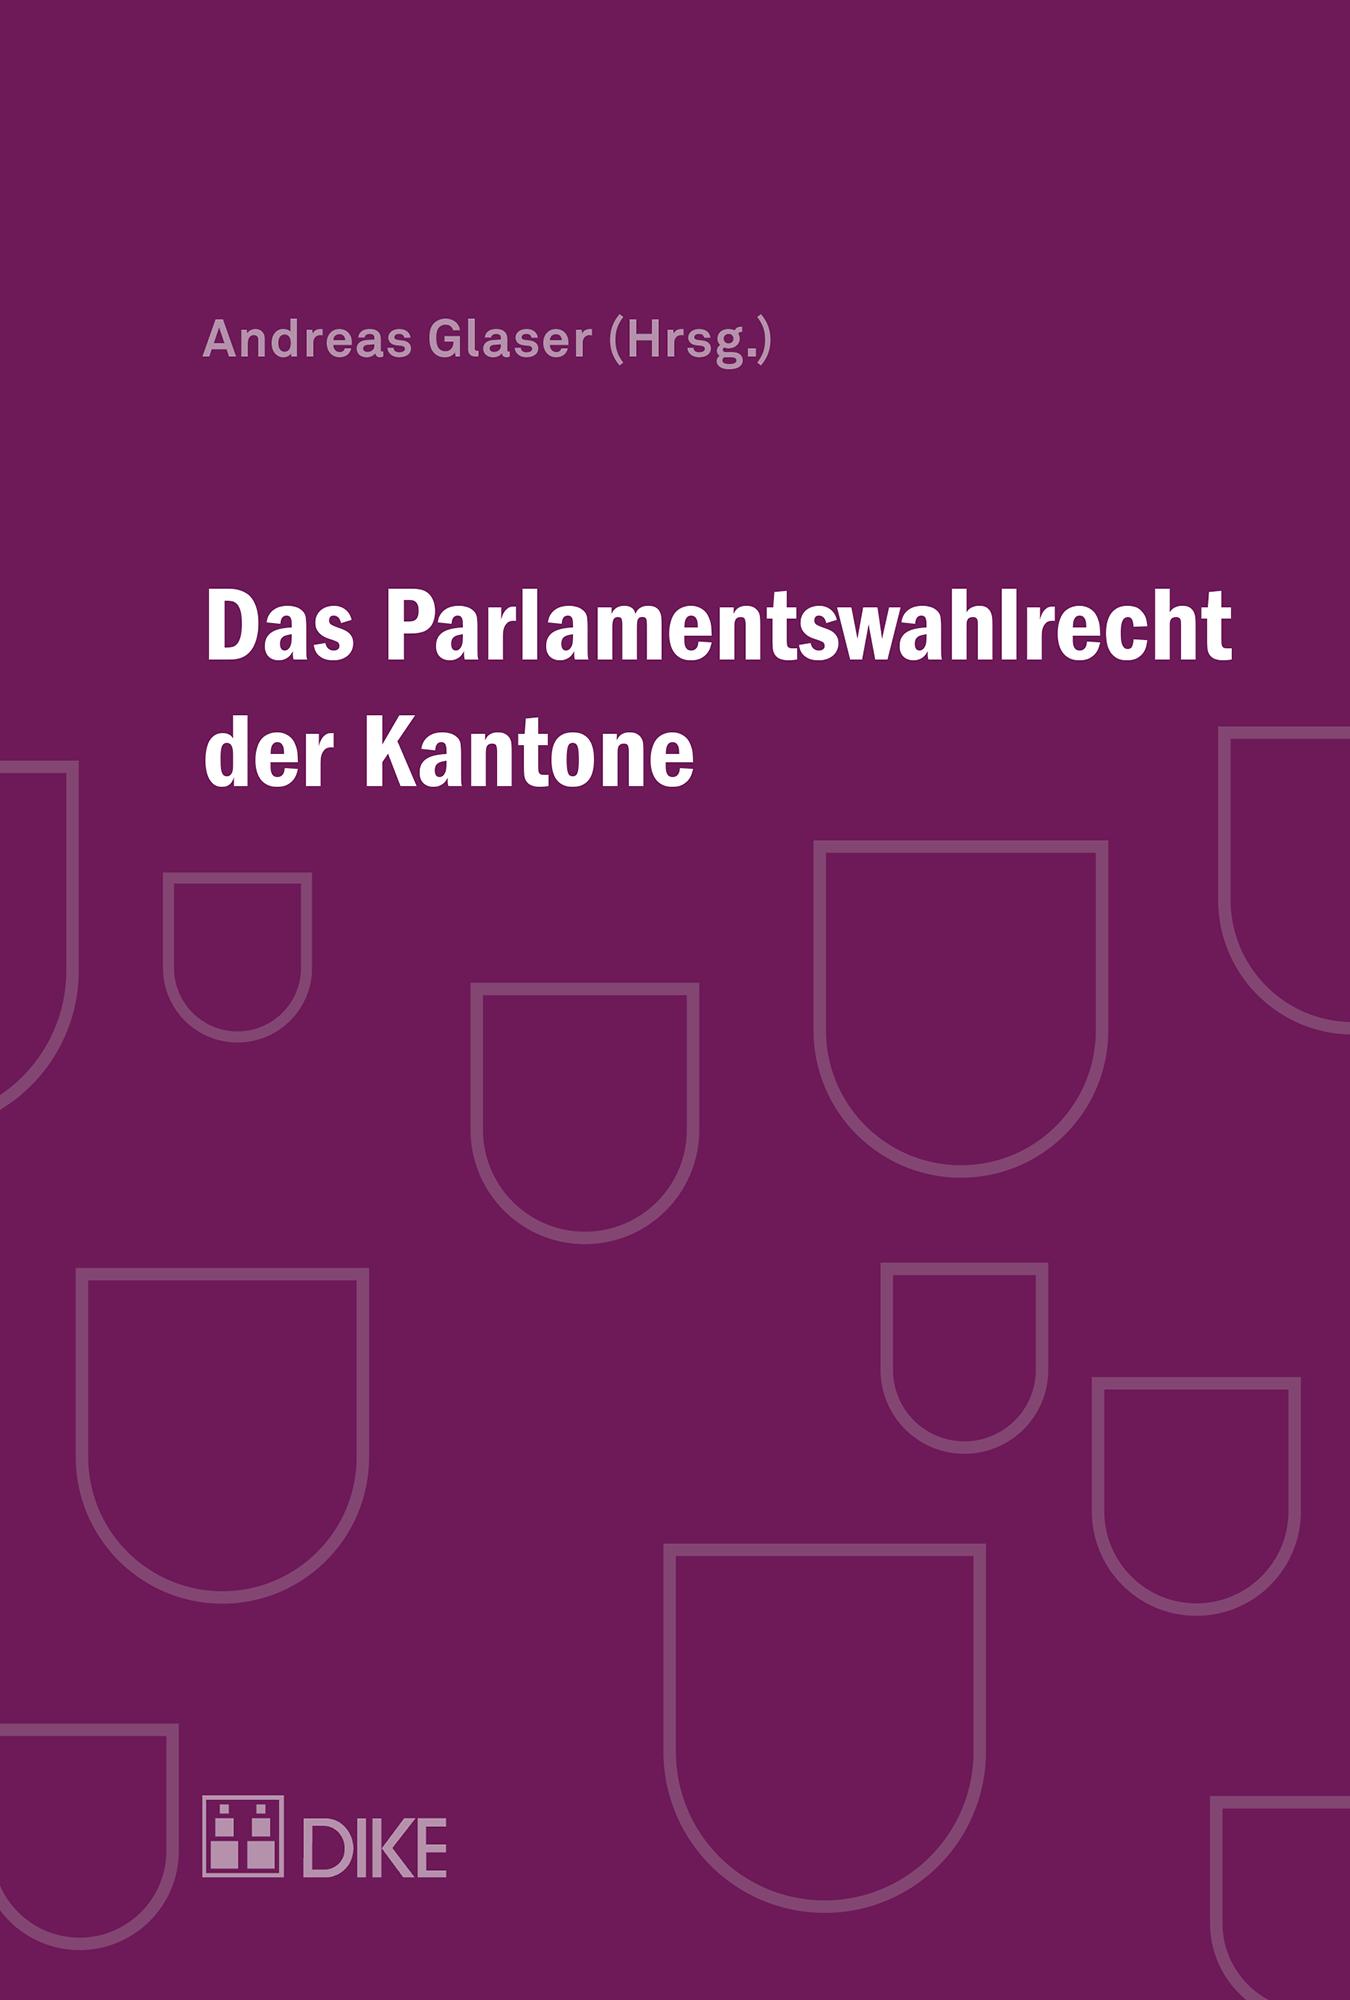 Das Parlamentswahlrecht der Kantone